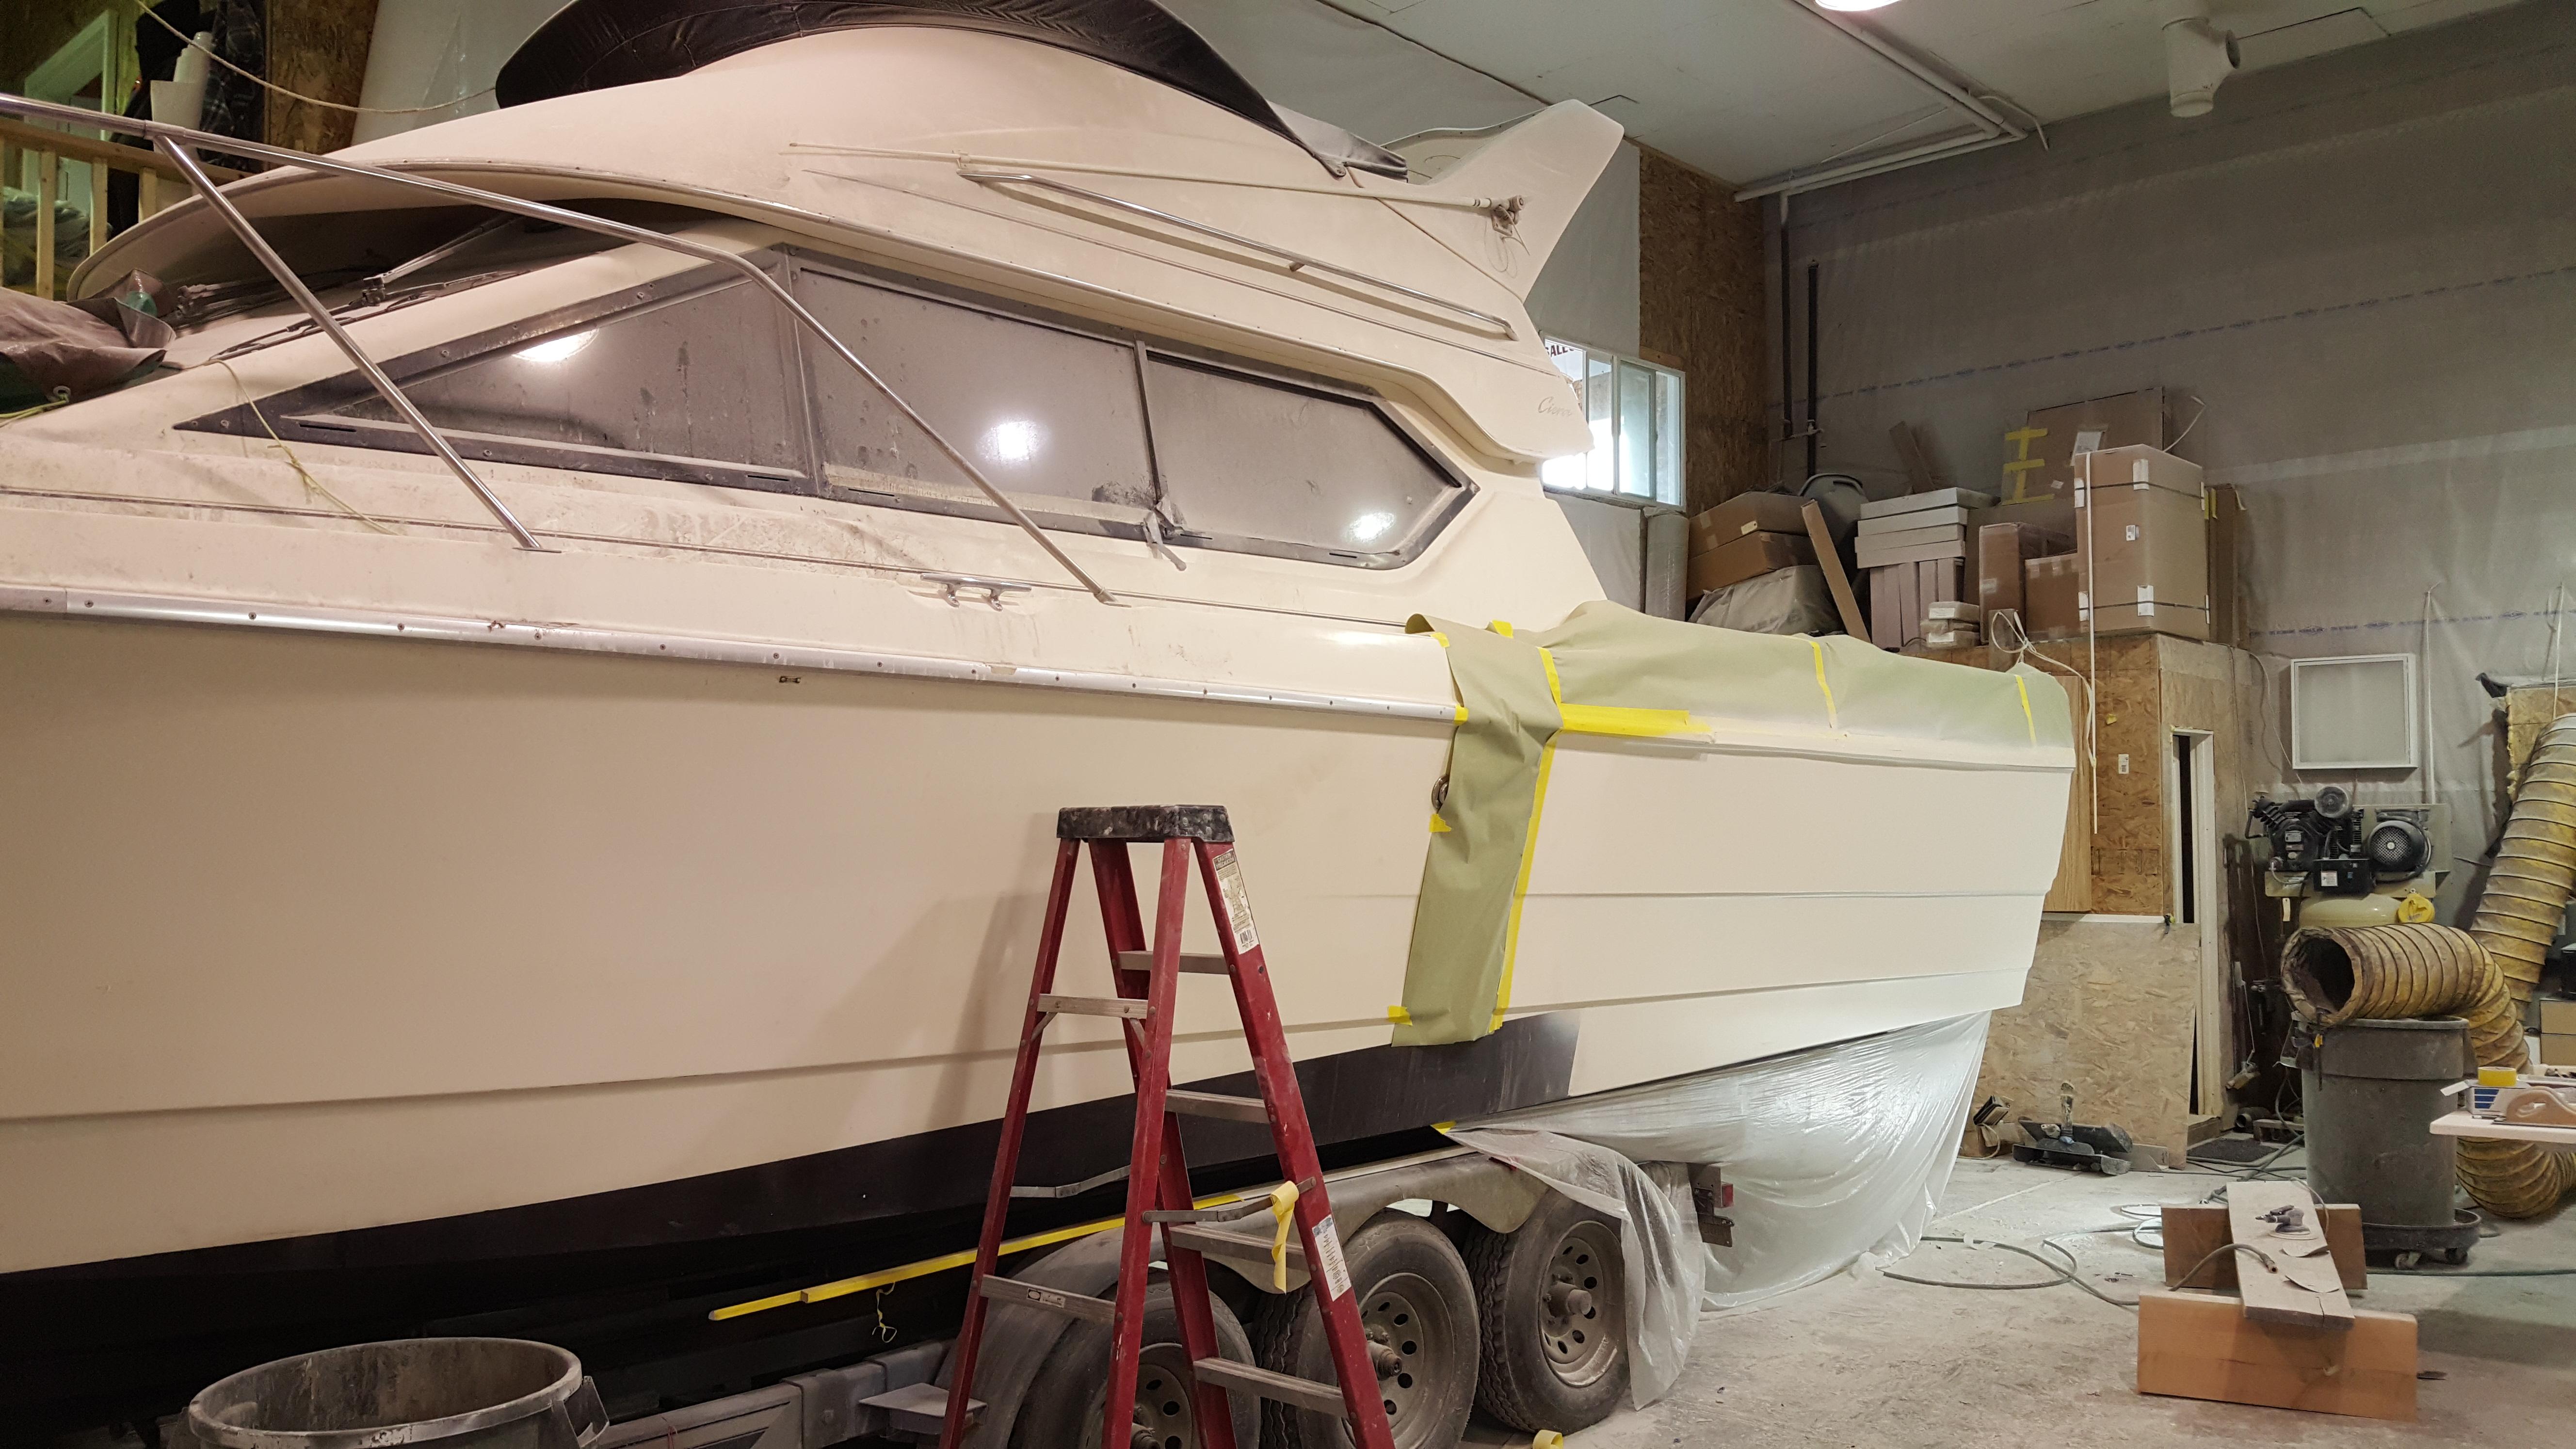 Boat Image 88